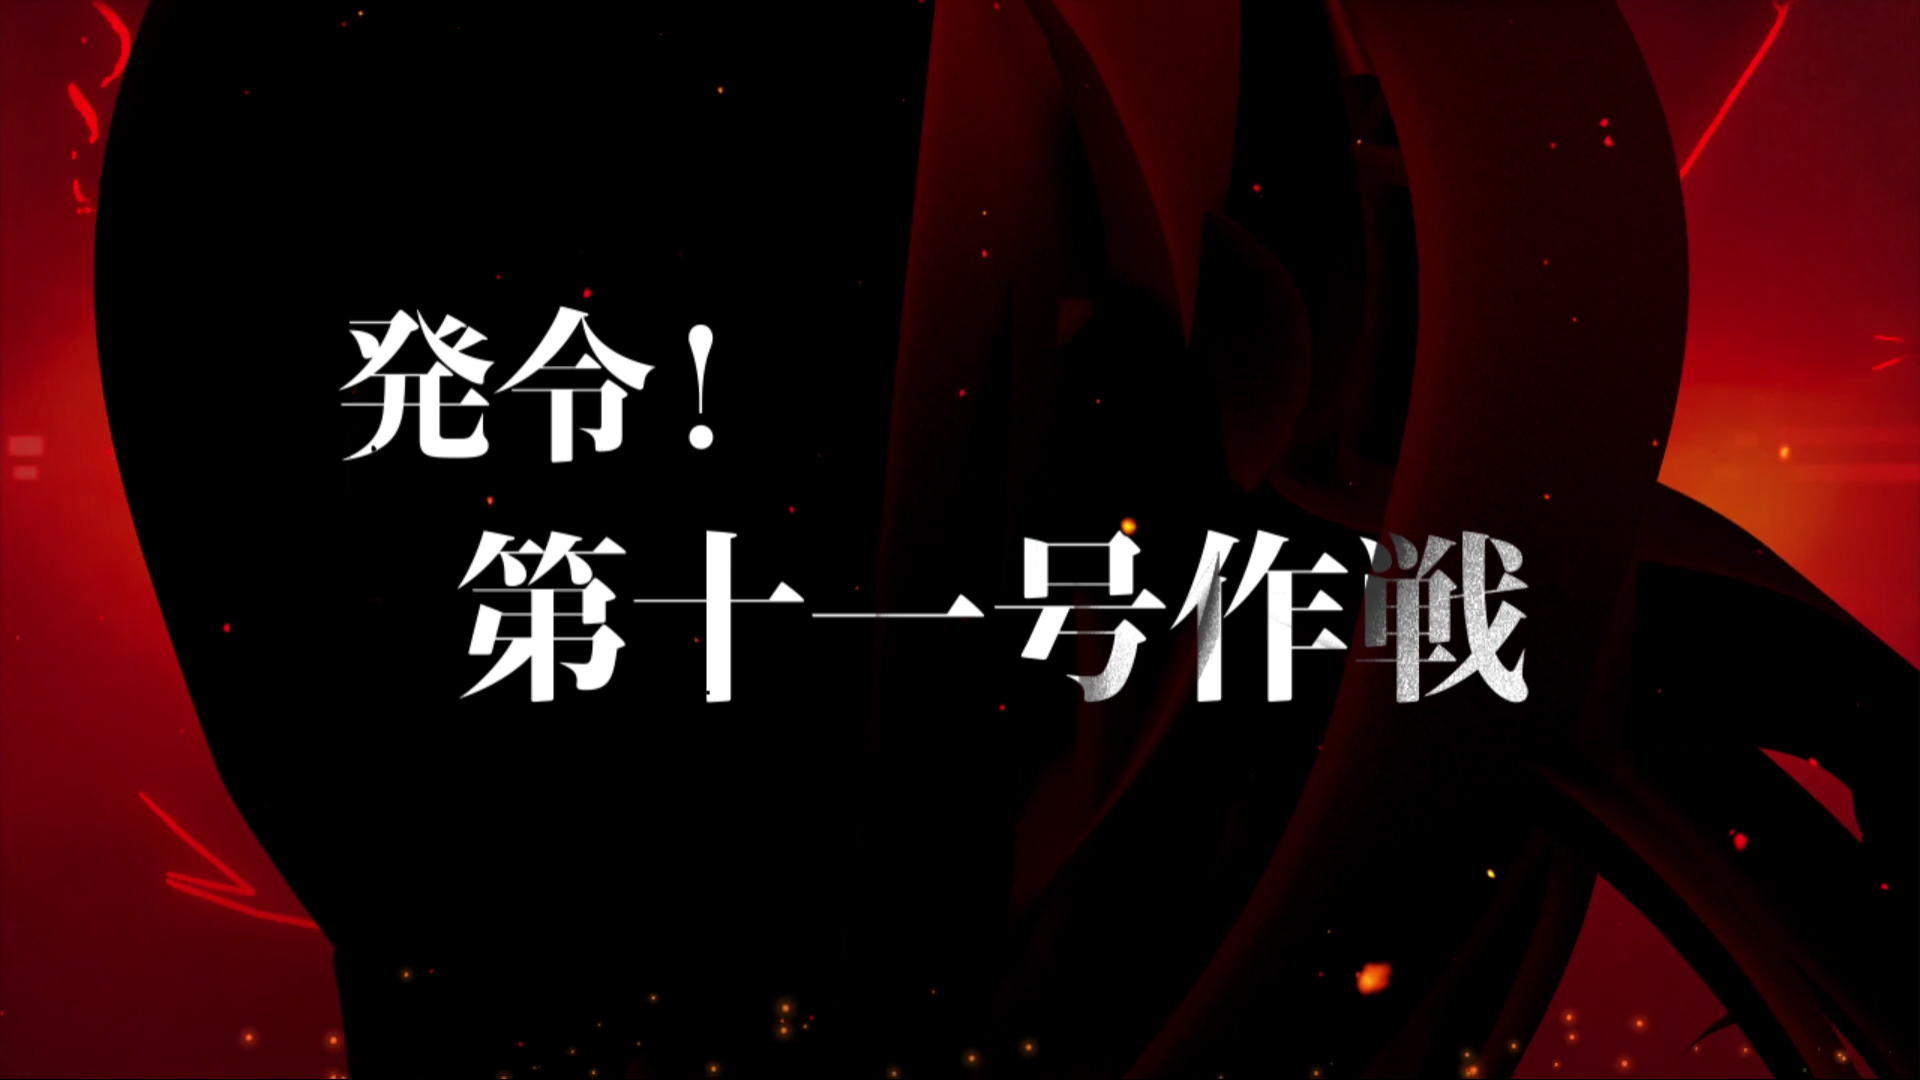 【AC】「発令!第十一号作戦」初見プレイ用編成メモ